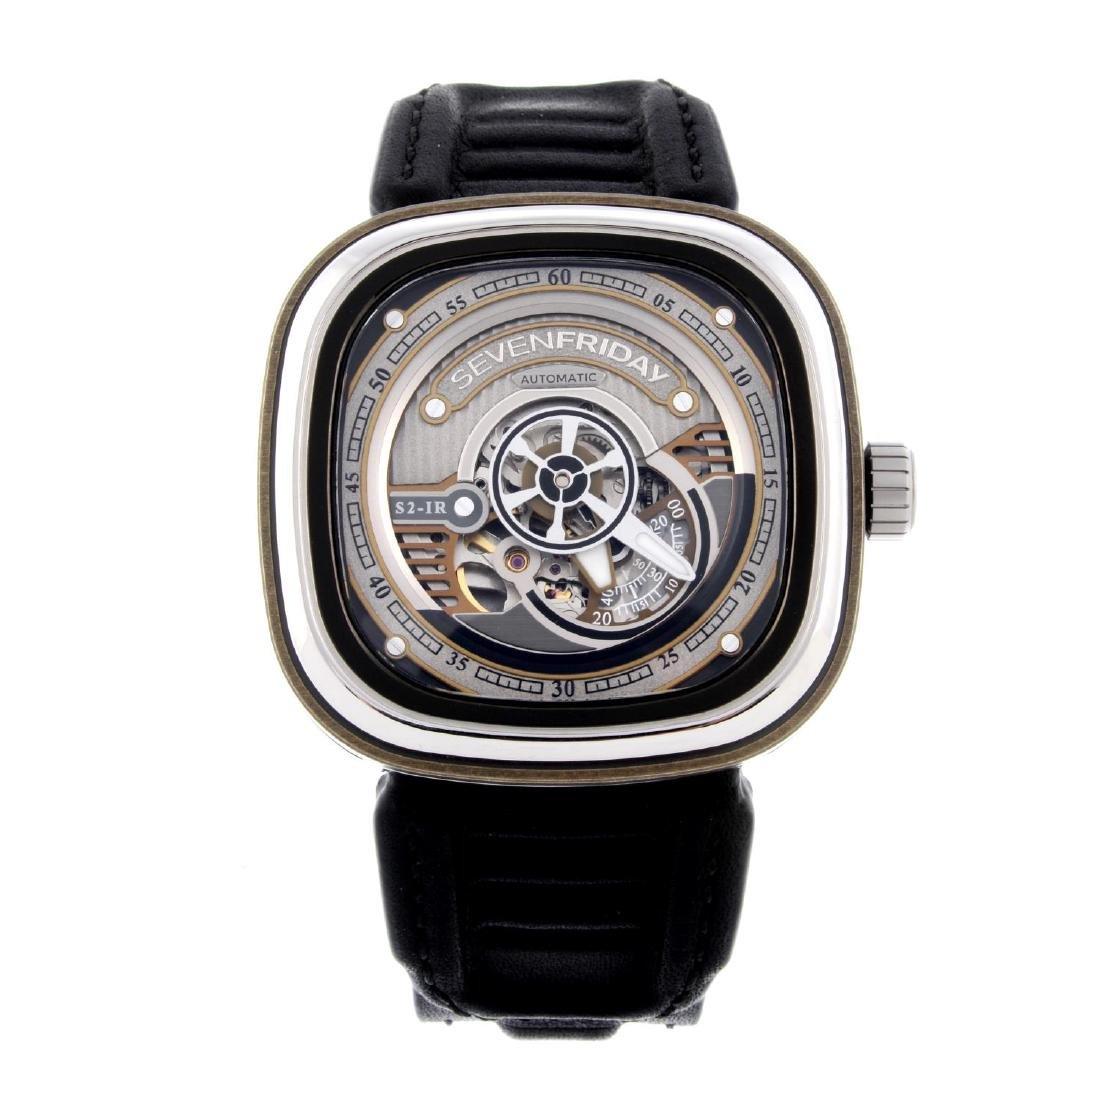 SEVENFRIDAY - a gentleman's S2-IR wrist watch.